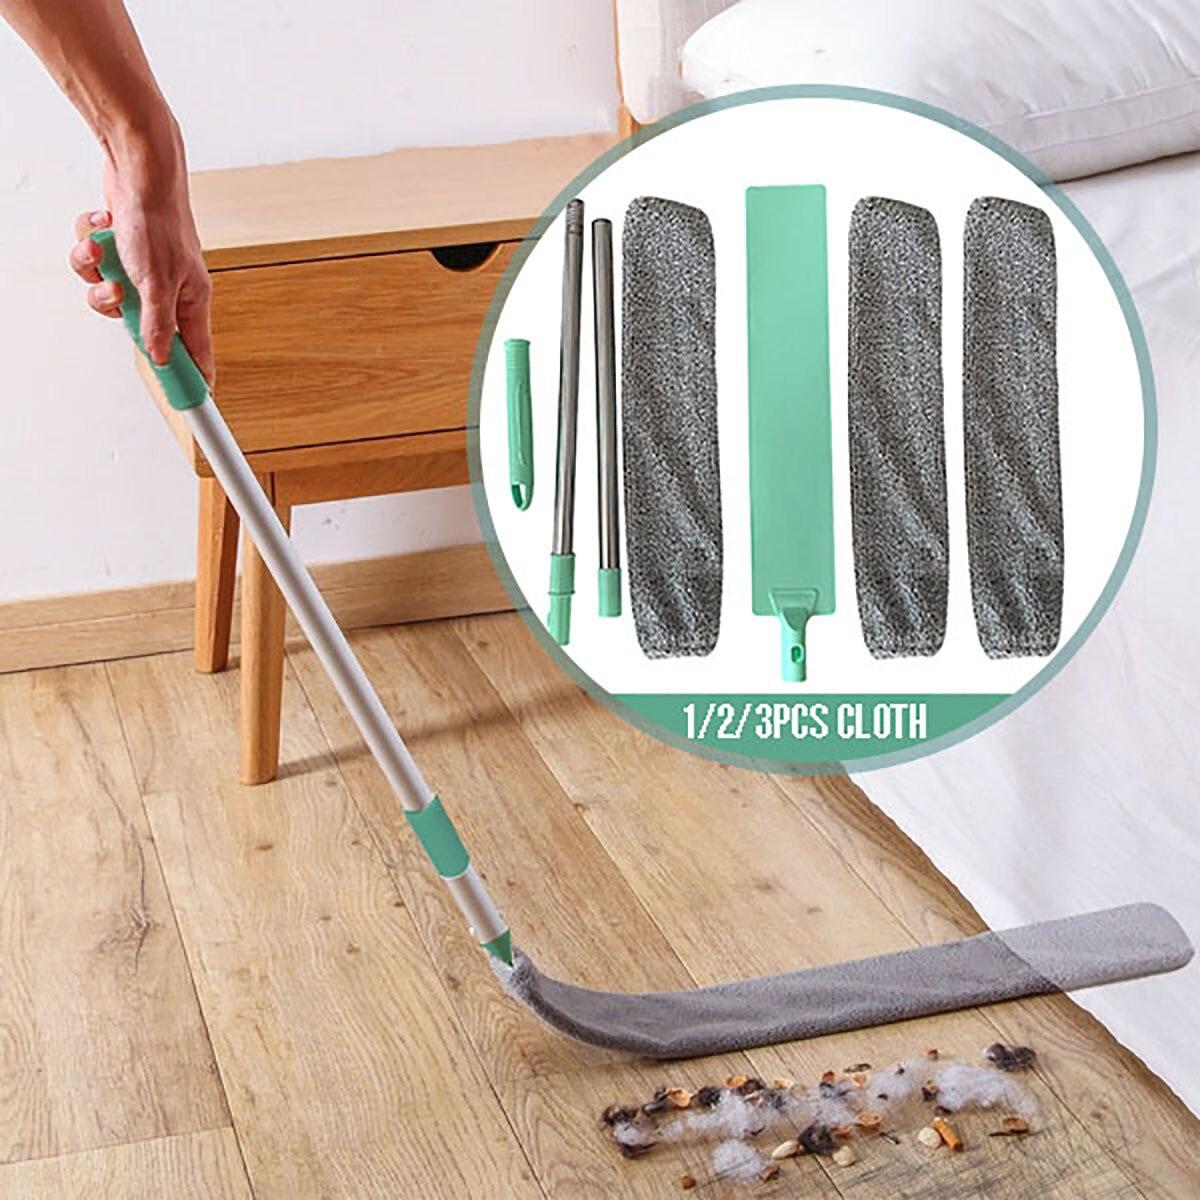 Прикроватная щетка для пыли, швабра с длинной ручкой, домашняя кровать, нижний зазор, чистый мех, для подметания, ПЫЛЬНАЯ Волшебная тряпка из микрофибры|Чистящие щетки|   | АлиЭкспресс